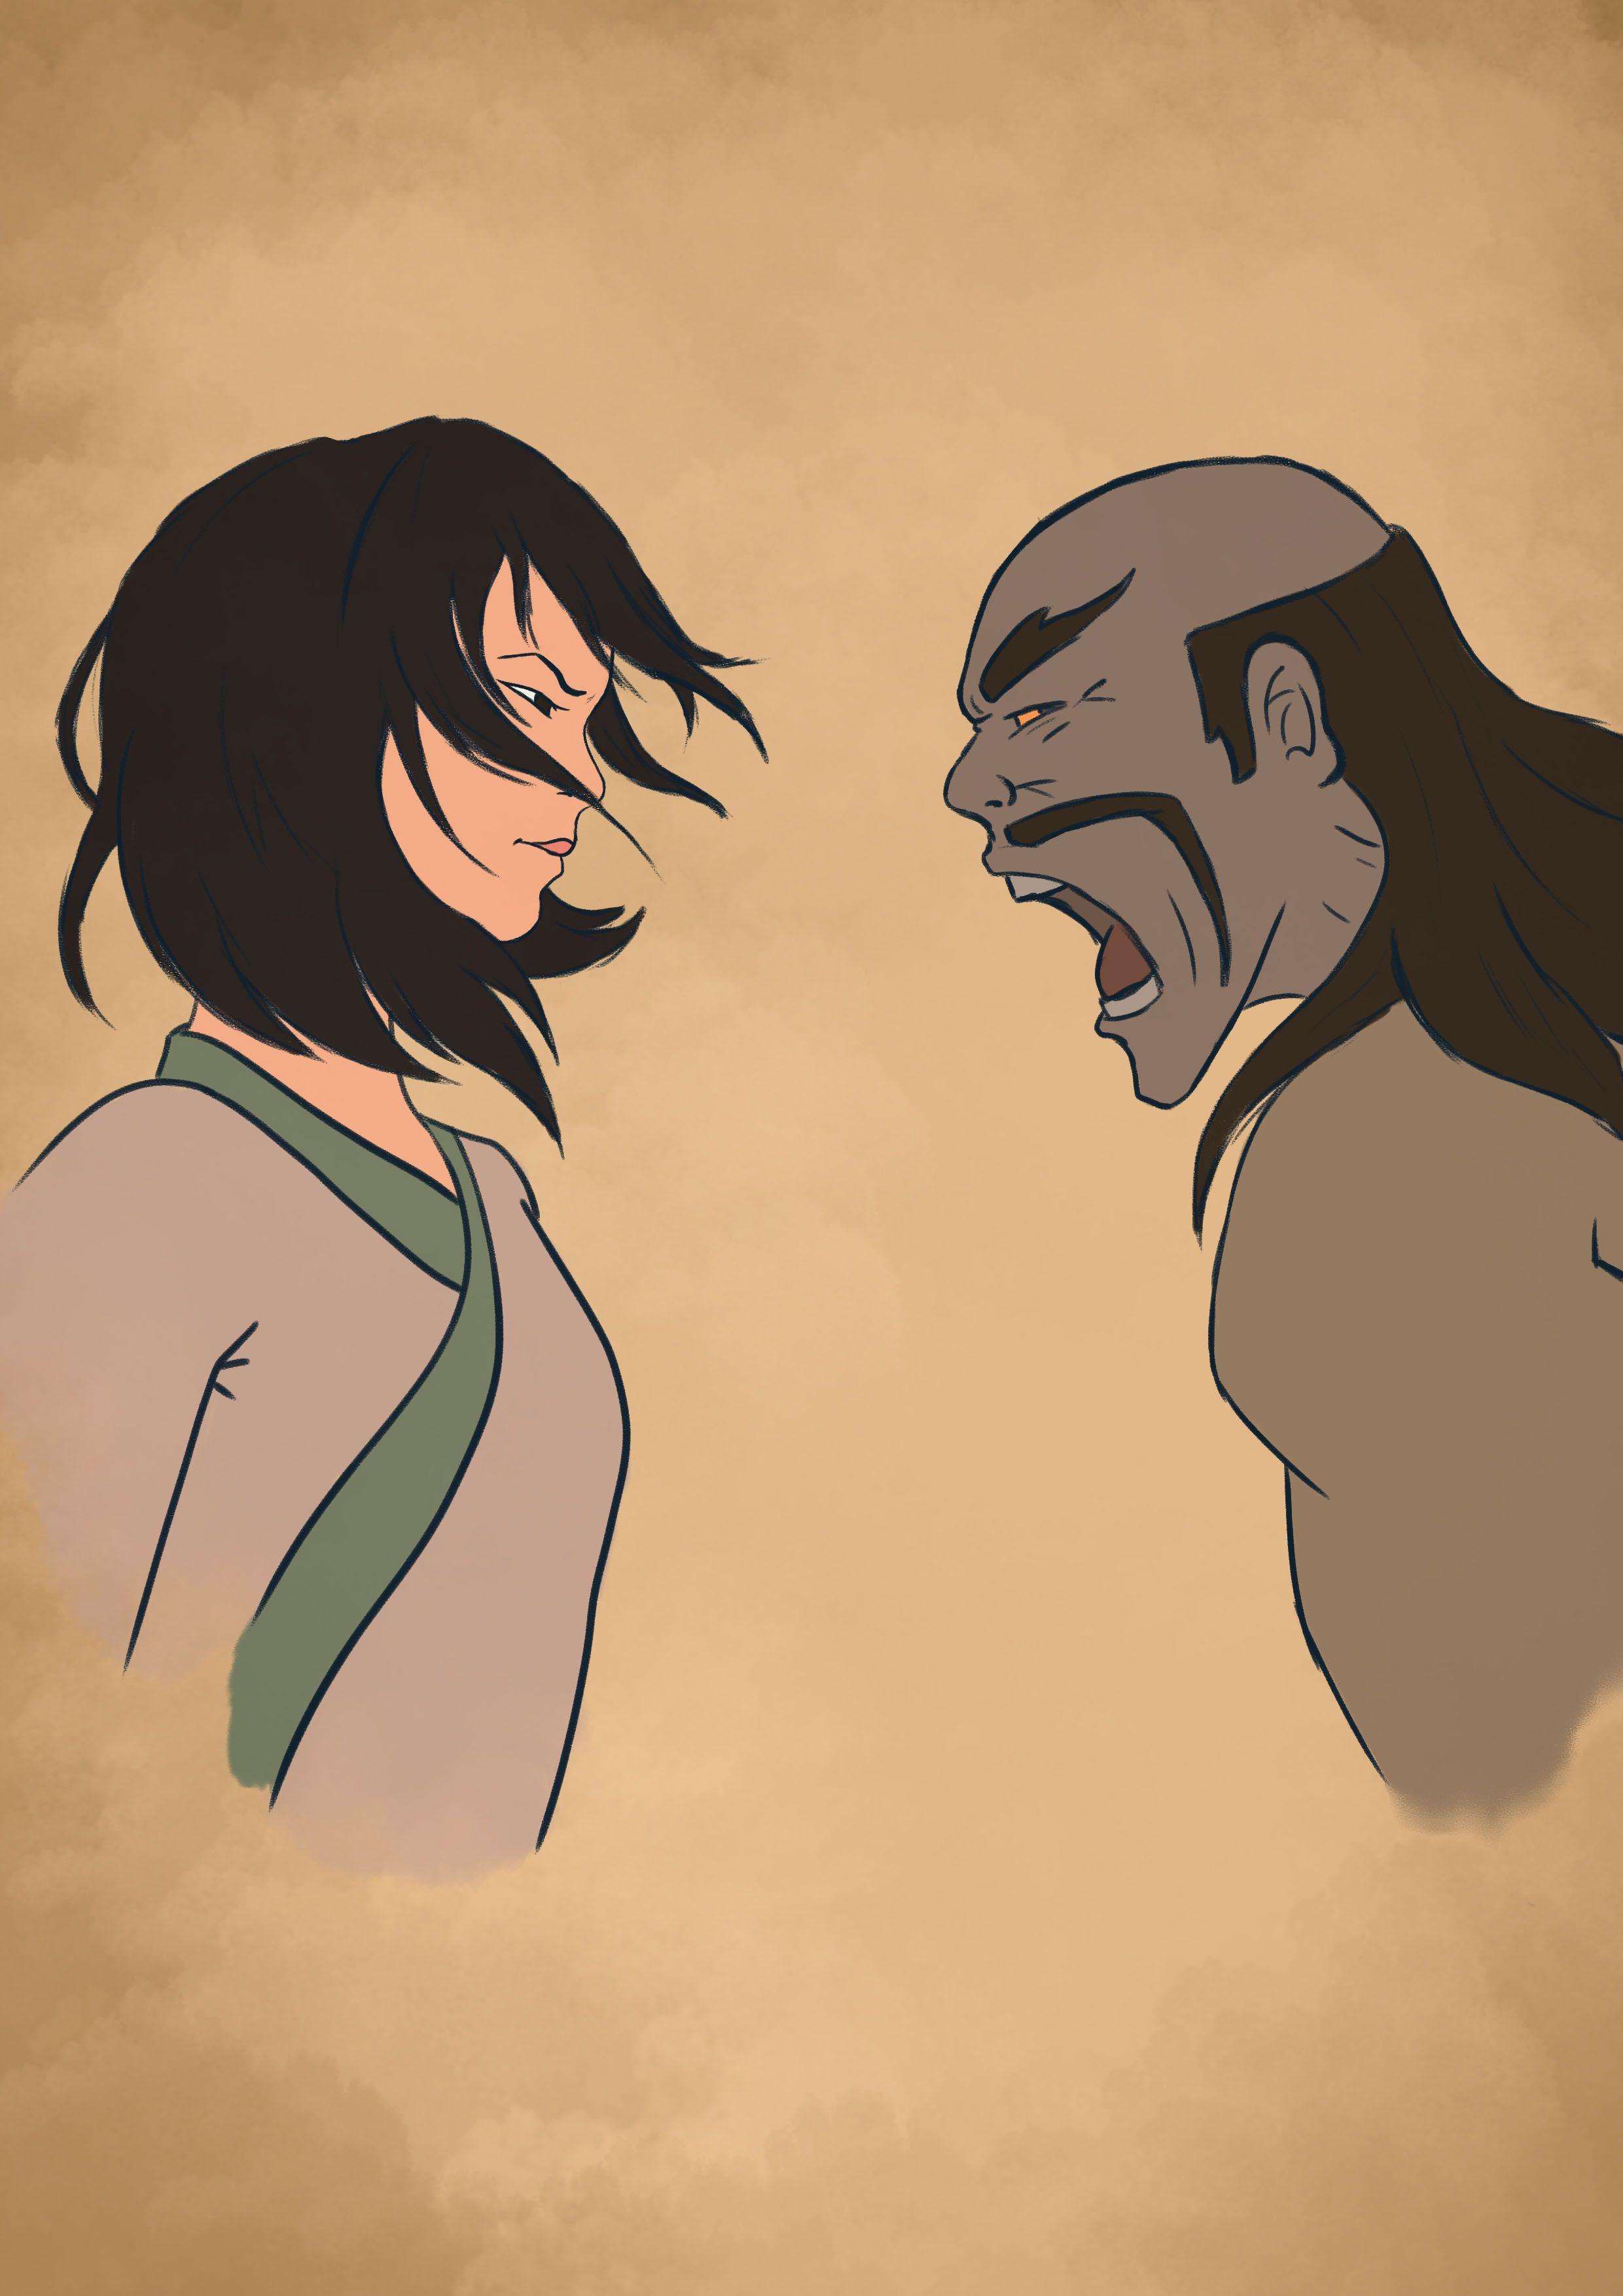 Mulan vs Shan Yu  Mulan, Disney, Disney characters